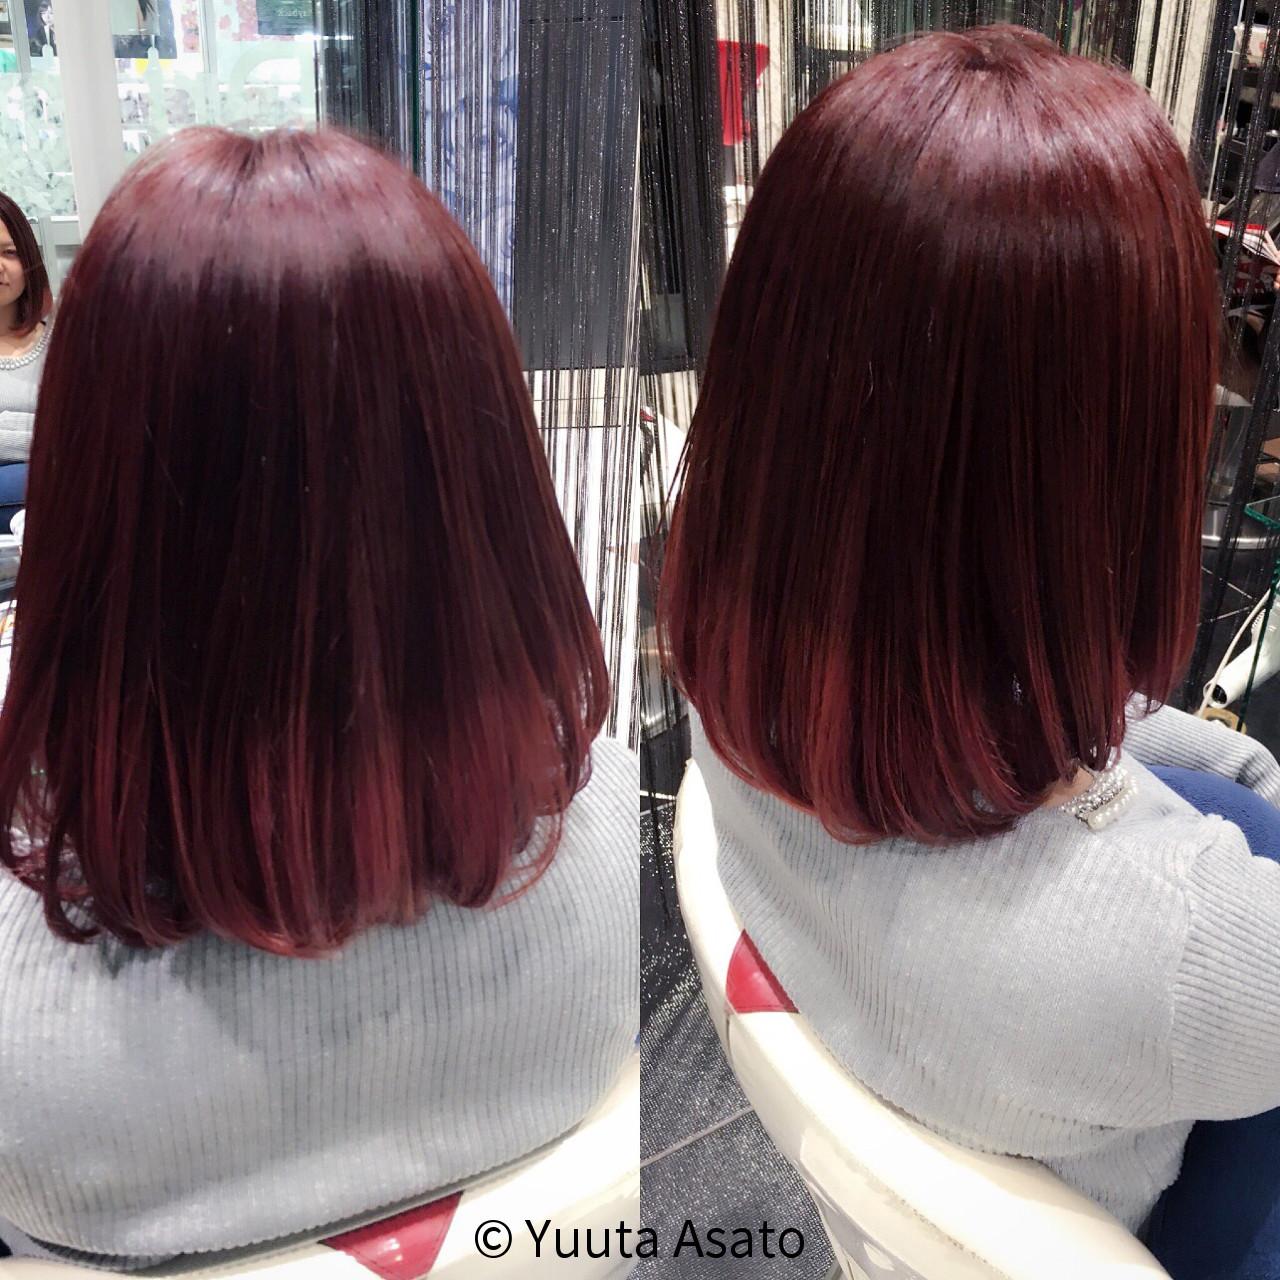 ボブ ガーリー グラデーションカラー 艶髪 ヘアスタイルや髪型の写真・画像